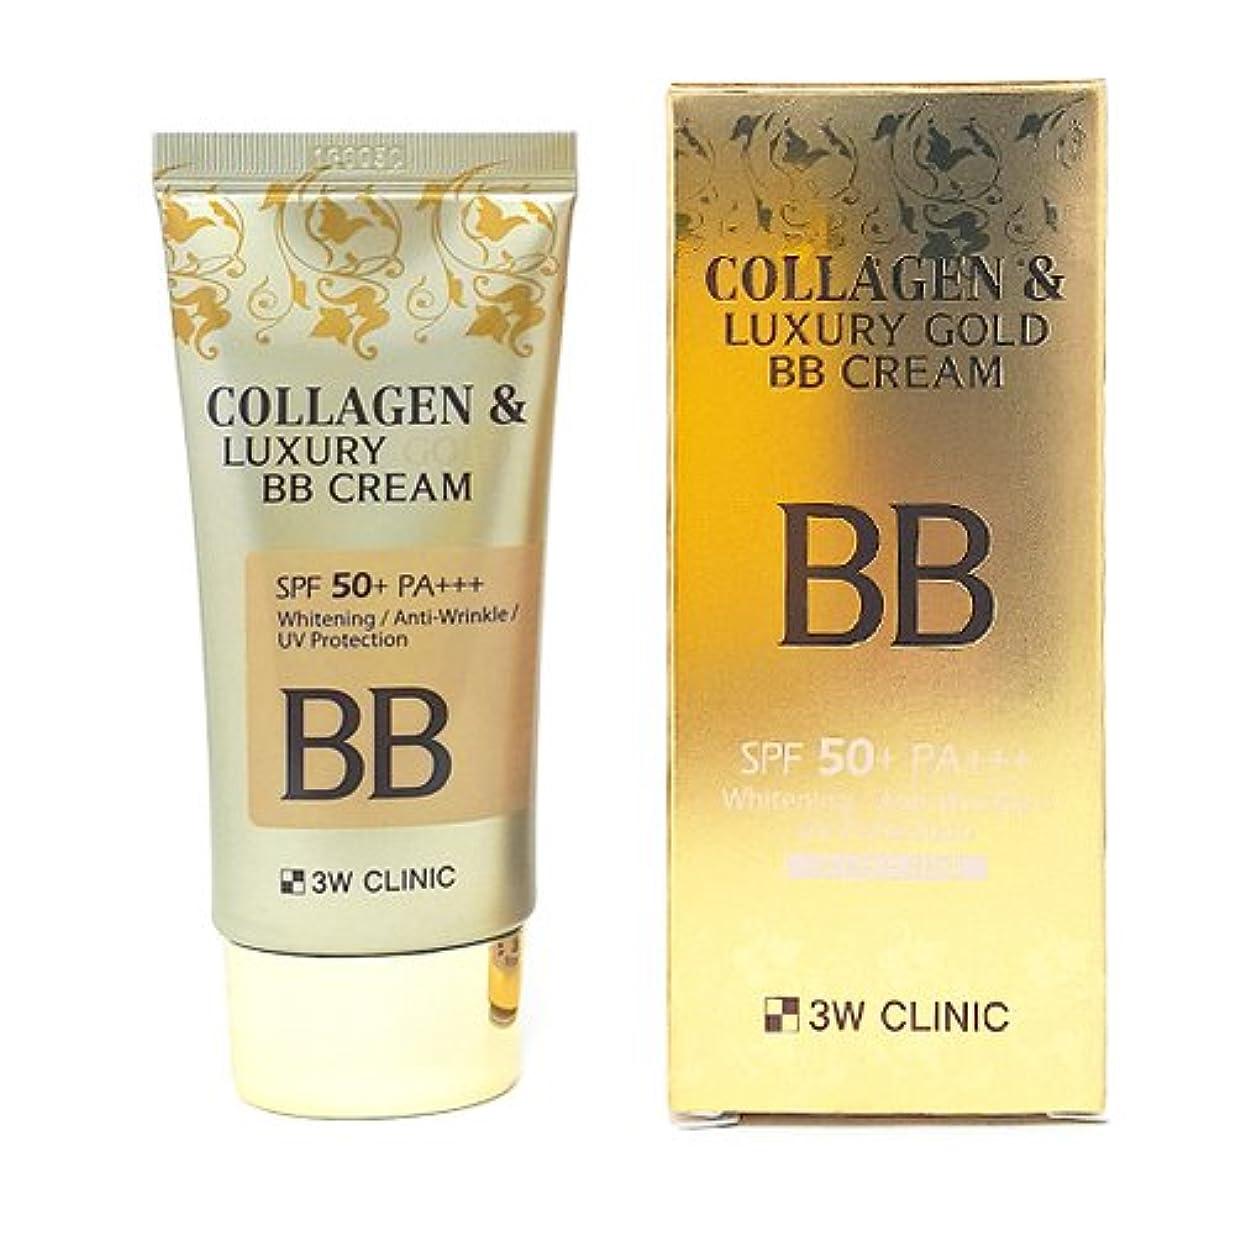 副詞祖先敵3Wクリニック[韓国コスメ3w Clinic]Collagen & Luxury Gold BB Cream コラーゲンラグジュアリーゴールド BBクリーム50ml 50+/PA+++[並行輸入品]